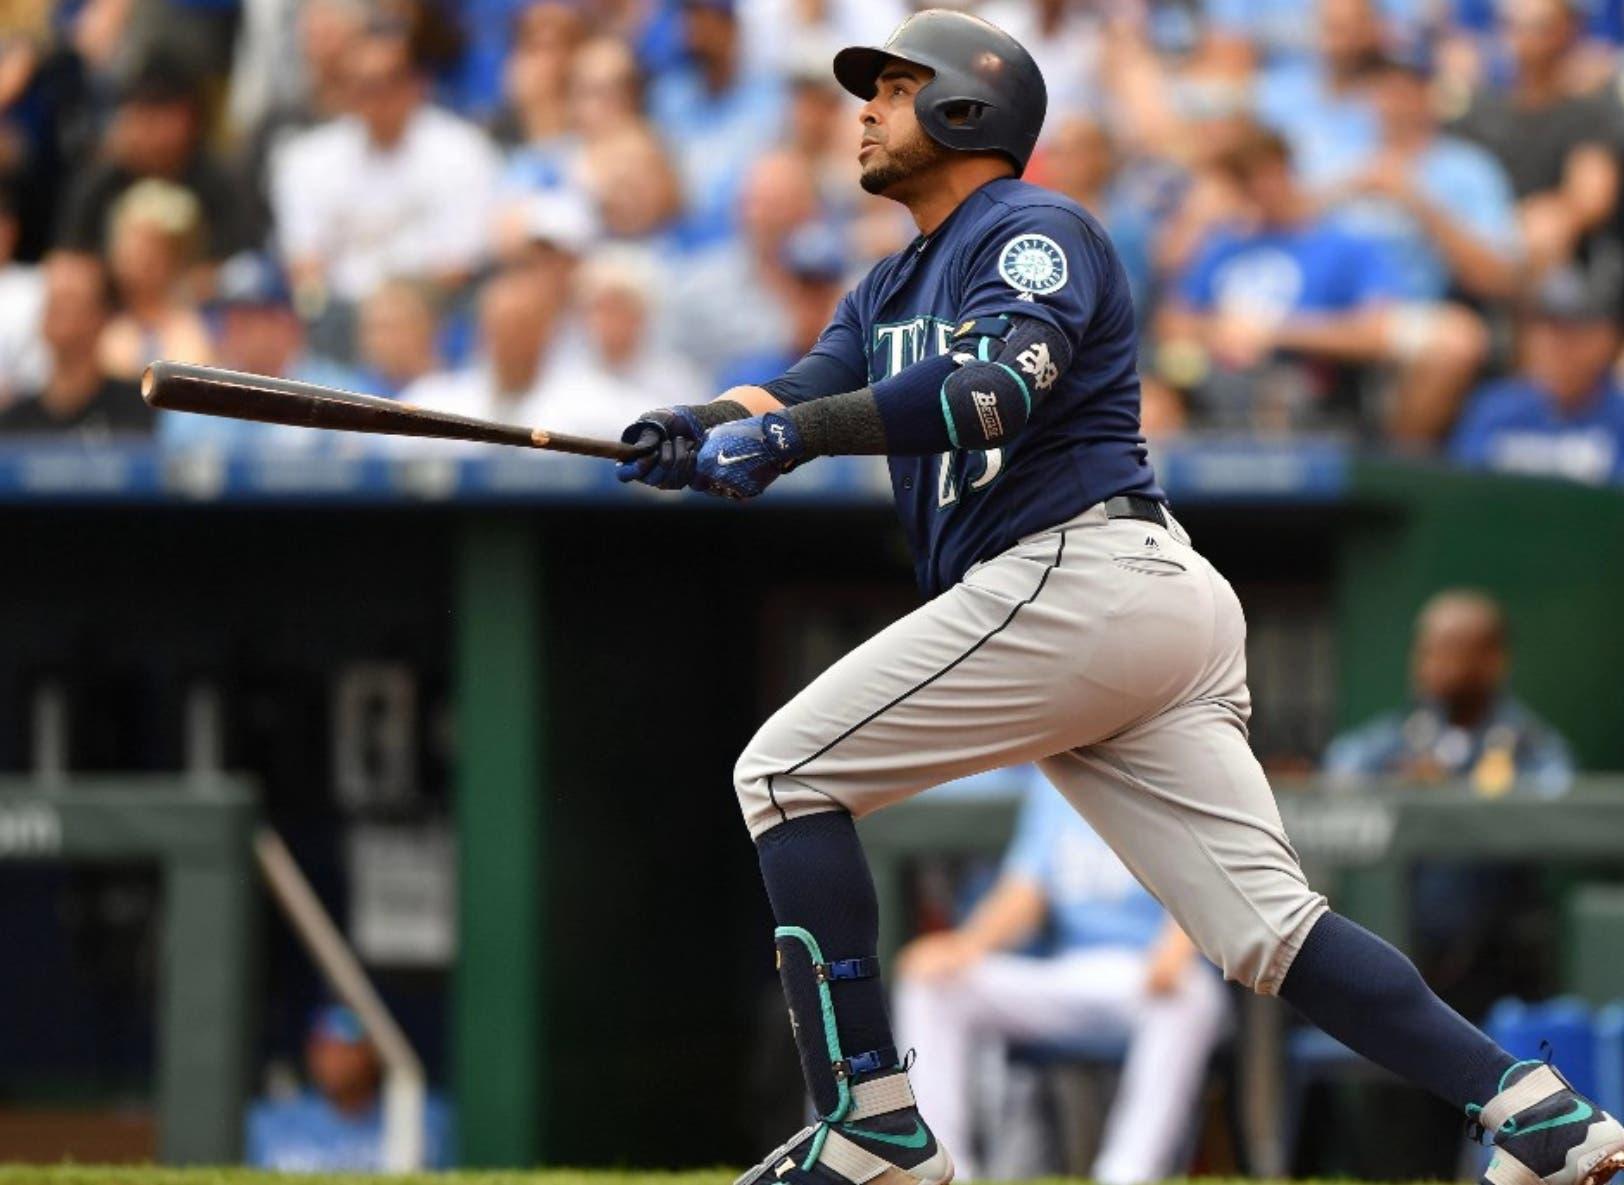 El dominicano Nelson Cruz, a pesar de su edad, se mantiene como uno de los bateadores de mayor poder en las Grandes Ligas.